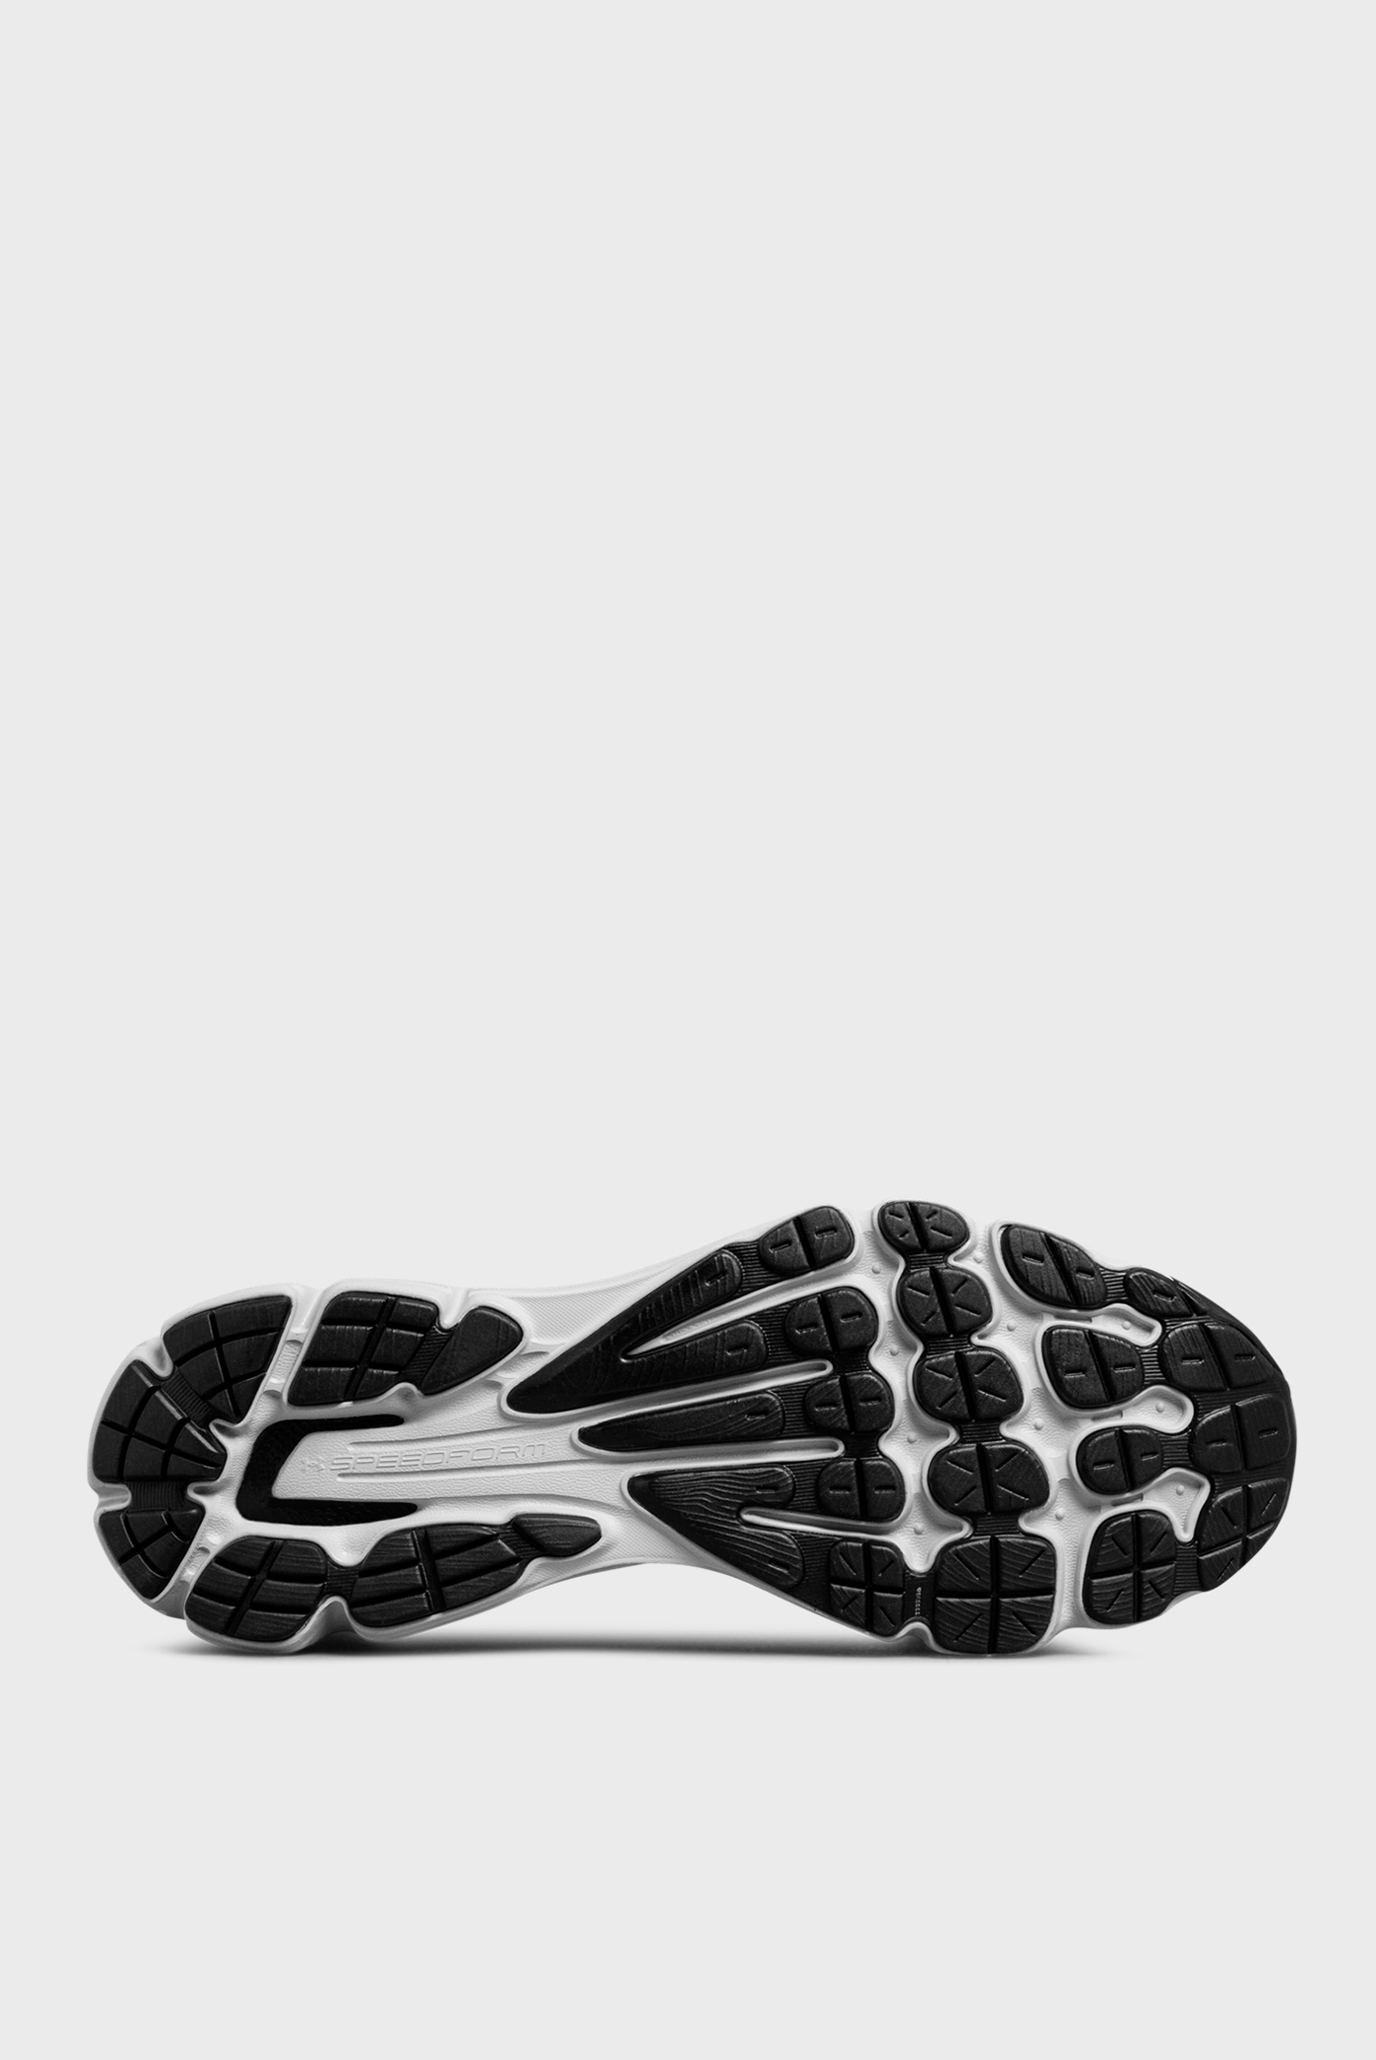 Купить Мужские черные кроссовки Speedform Intake 2 Under Armour Under Armour 3000288-002 – Киев, Украина. Цены в интернет магазине MD Fashion